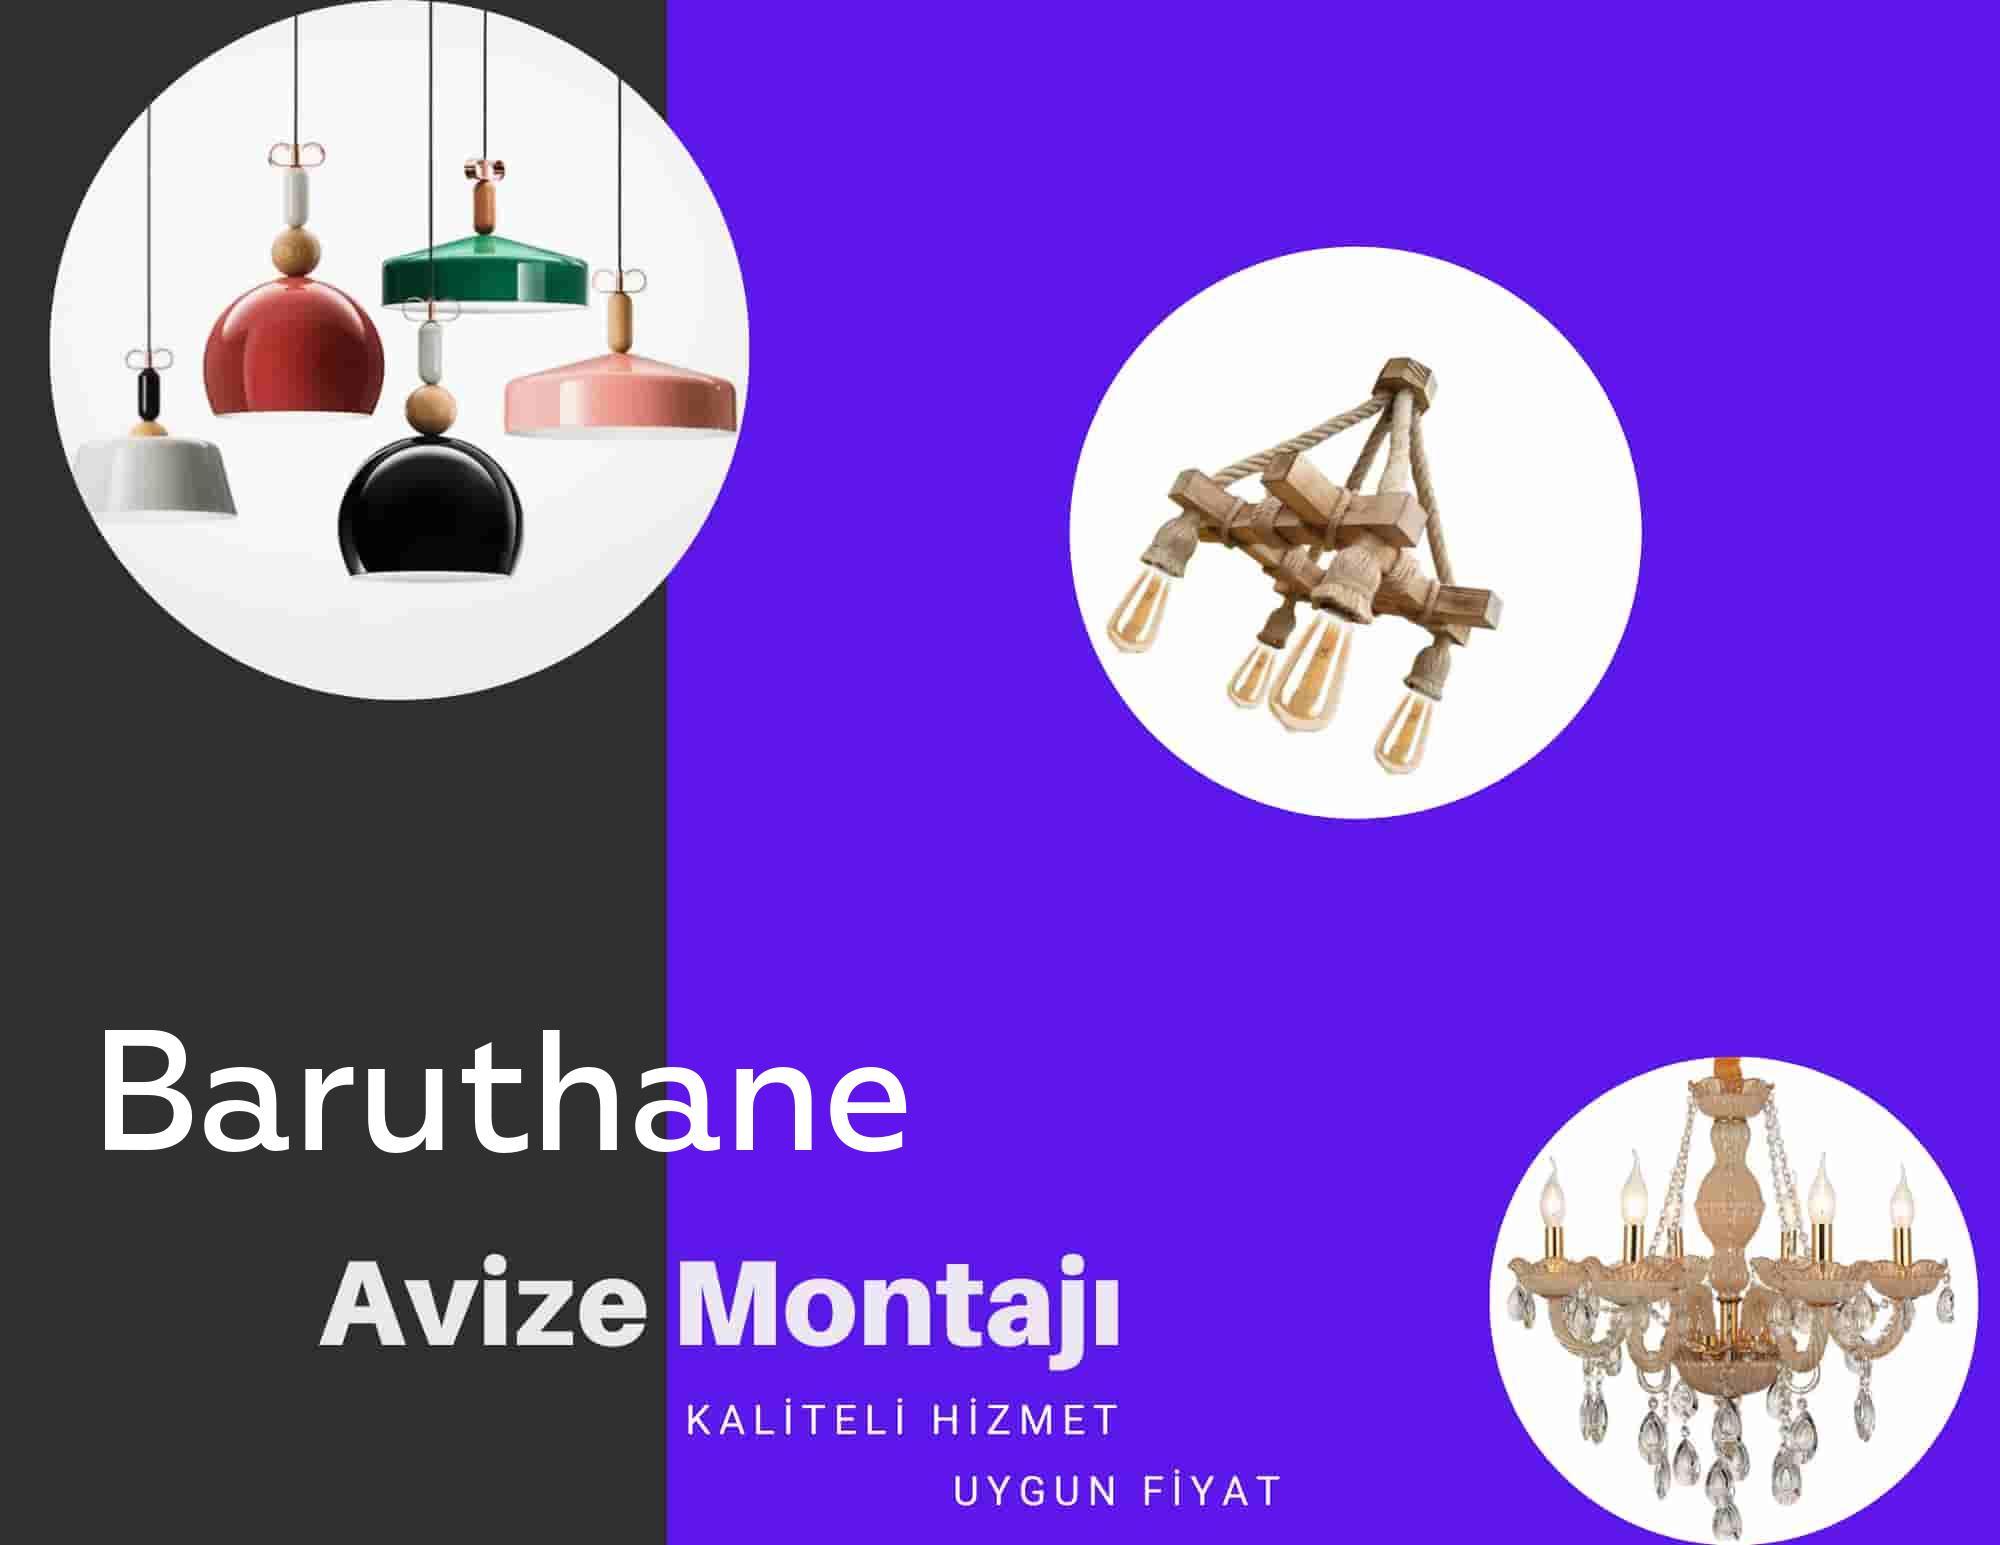 Baruthane de avize montajı yapan yerler arıyorsanız elektrikcicagir anında size profesyonel avize montajı ustasını yönlendirir.